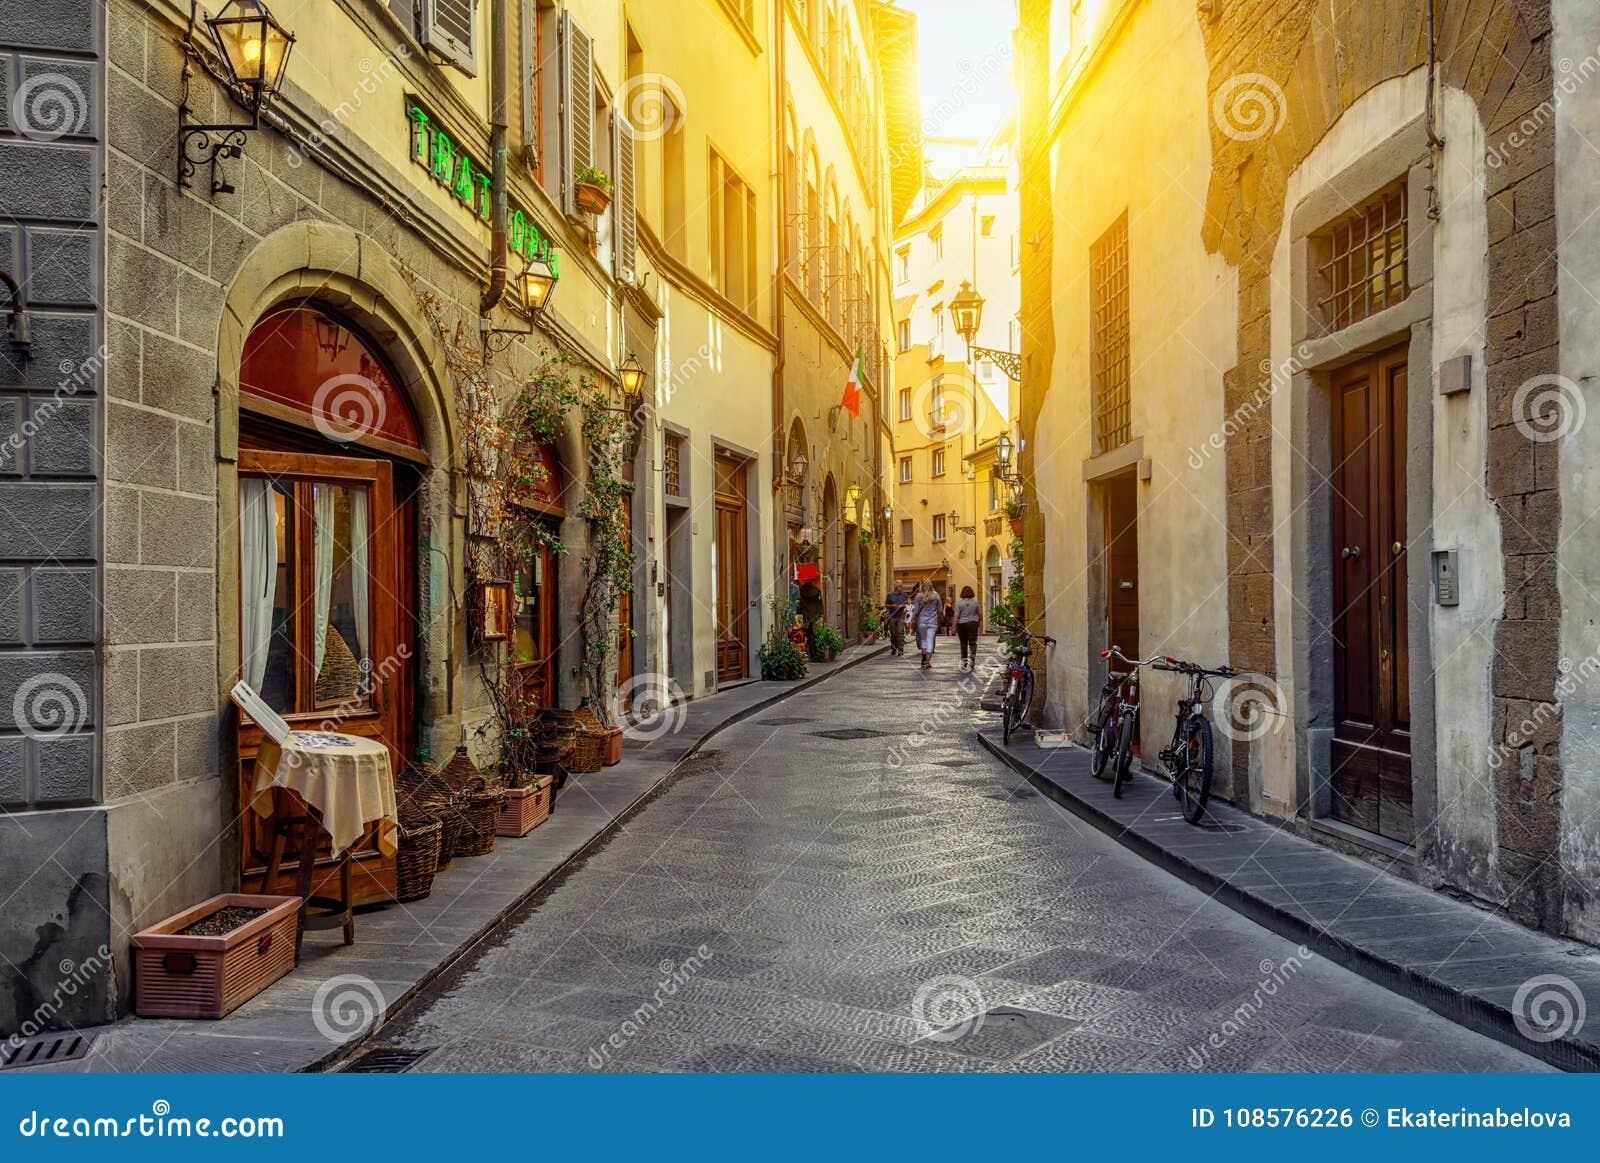 Via accogliente stretta a Firenze, Toscana